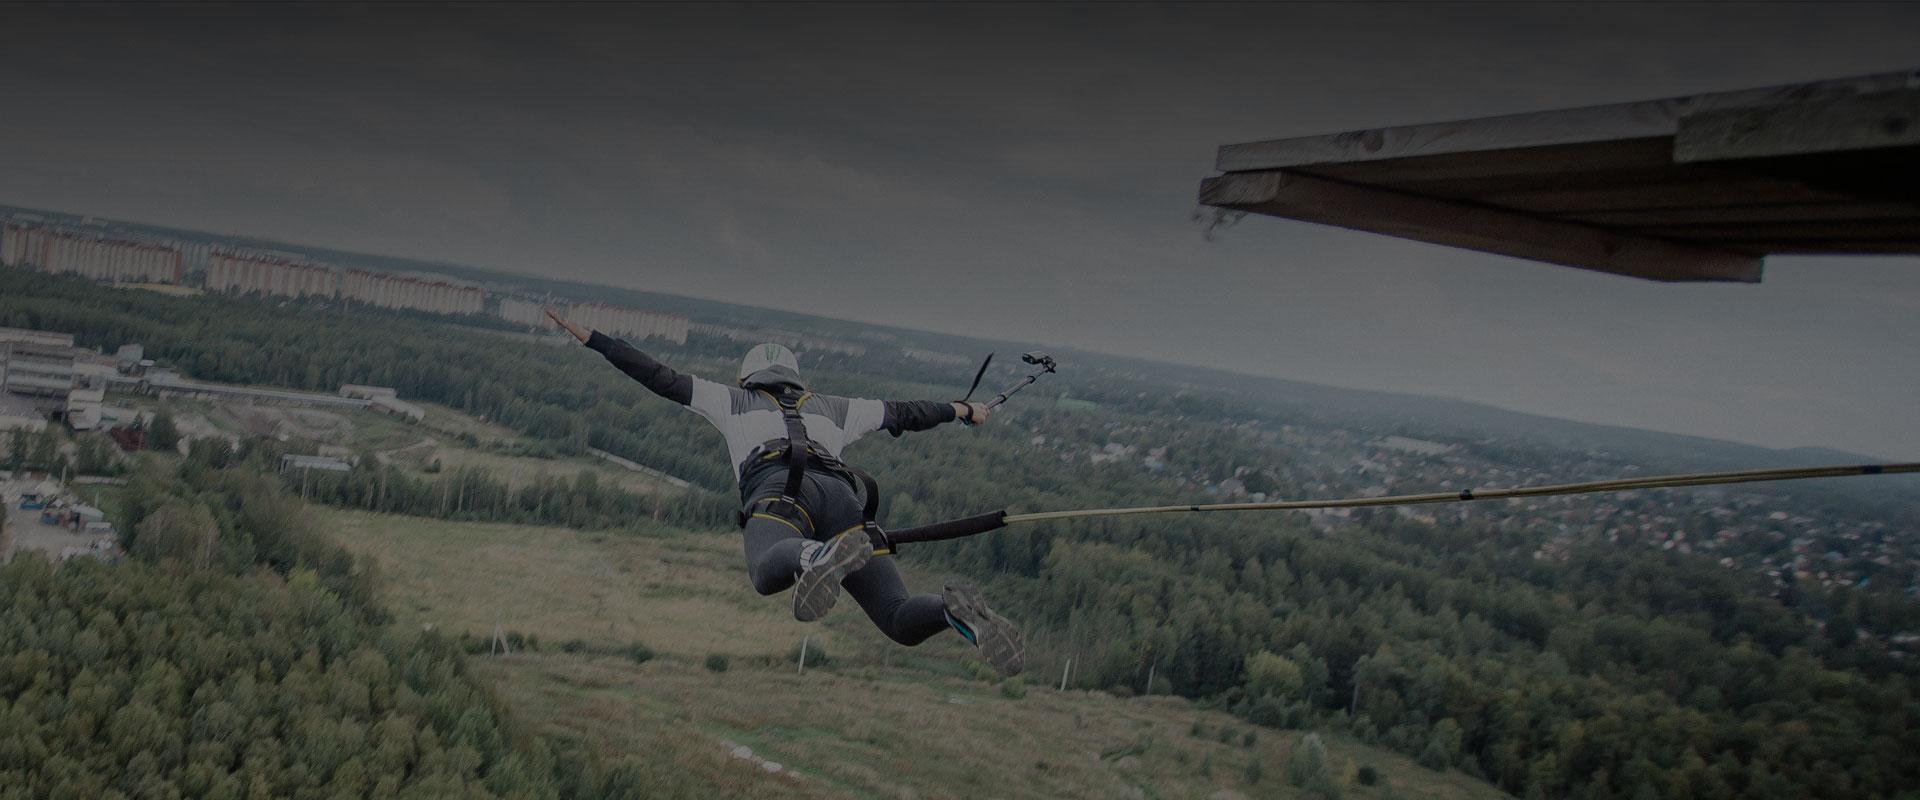 Une gopro performante pour le saut à l'élastique